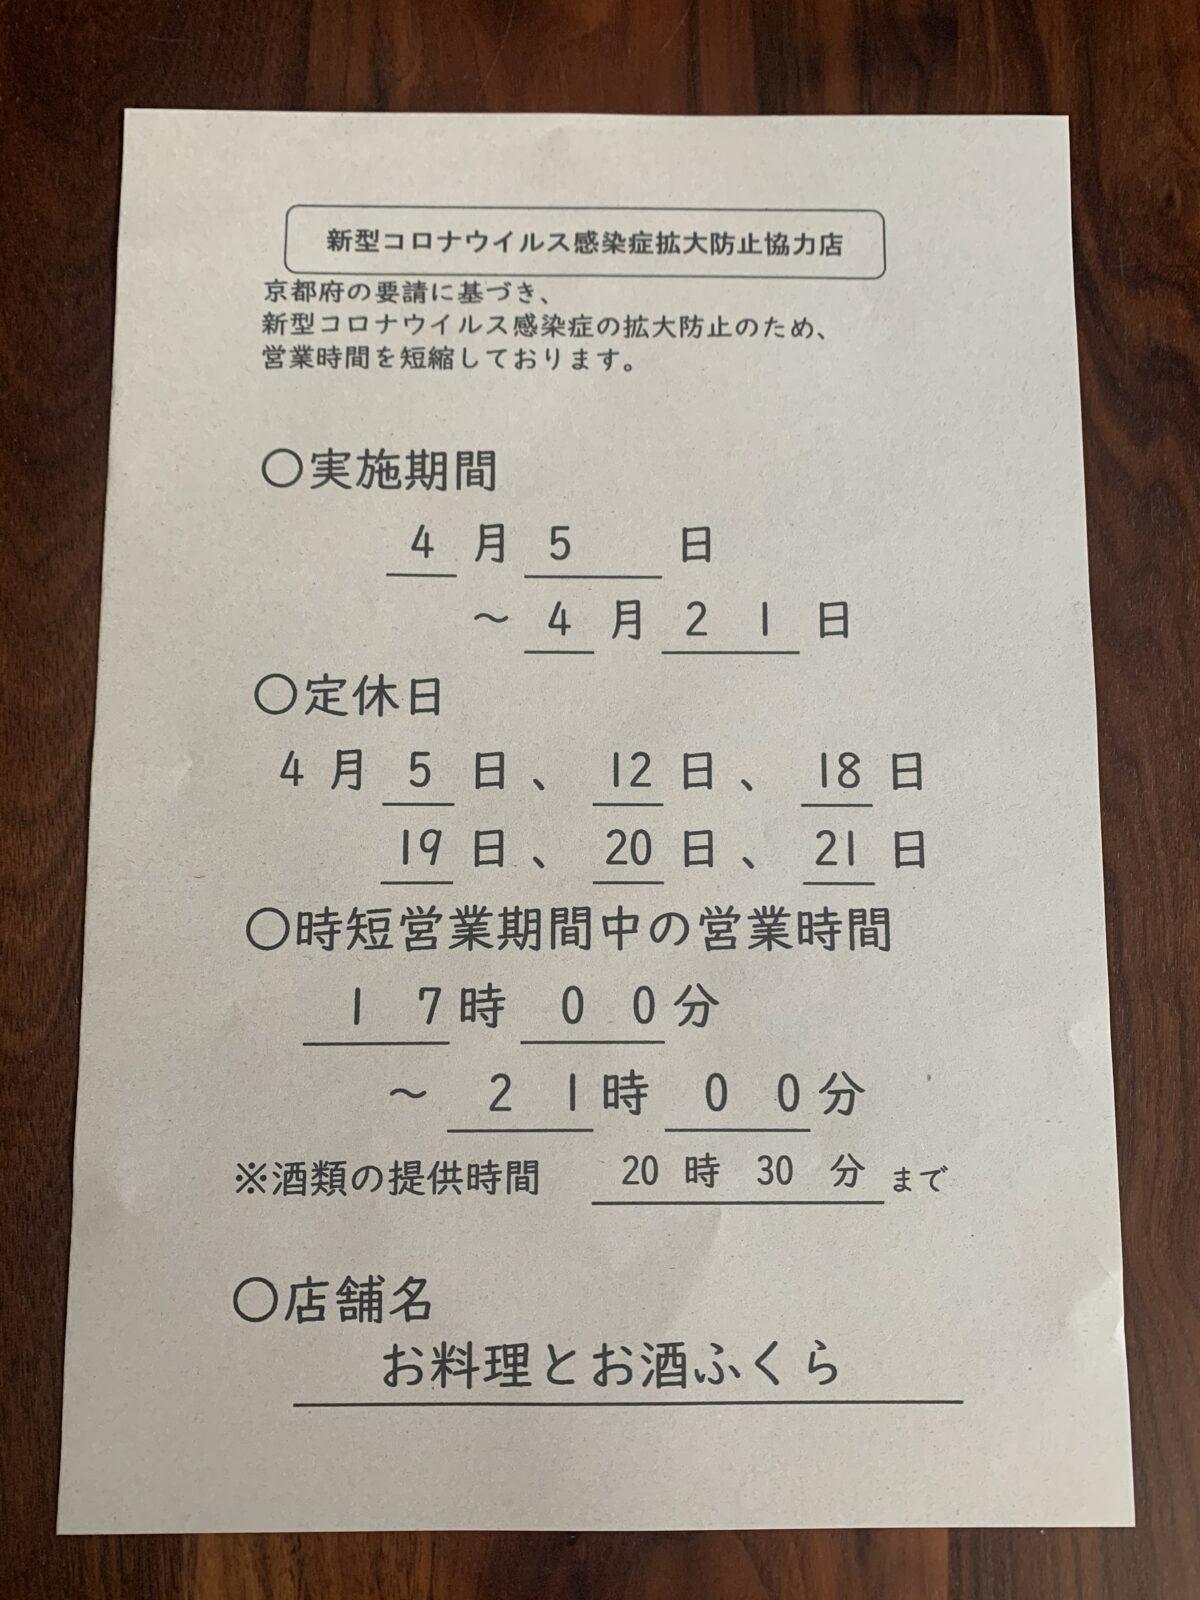 4/5-21期間、京都時短要請に伴う営業変更のお知らせ